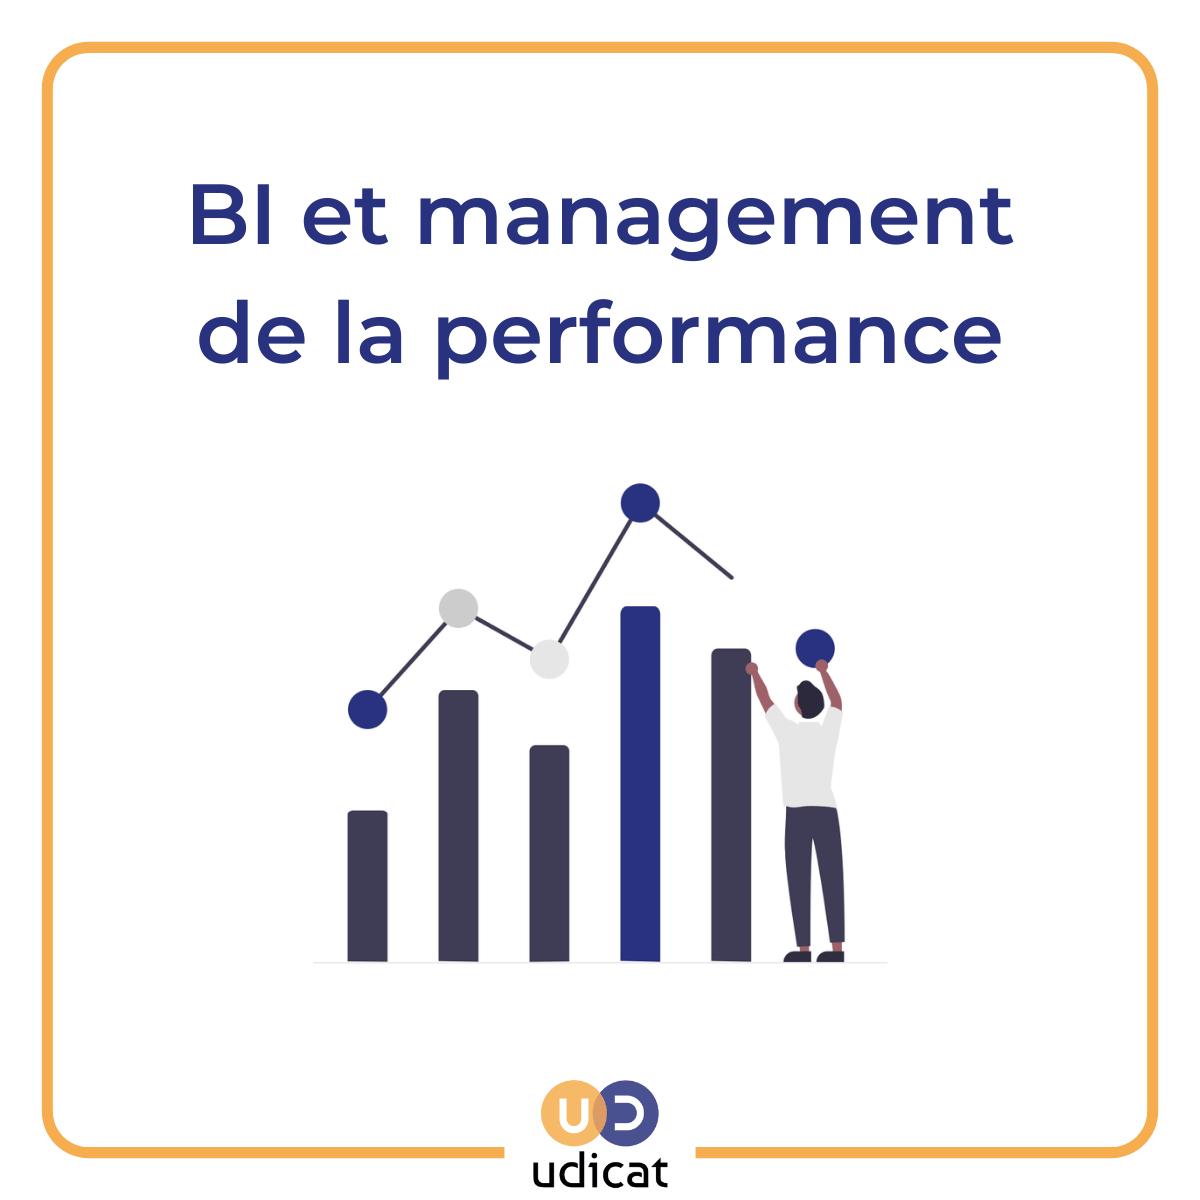 Visuel présentation article Business Intelligence et management de la performance